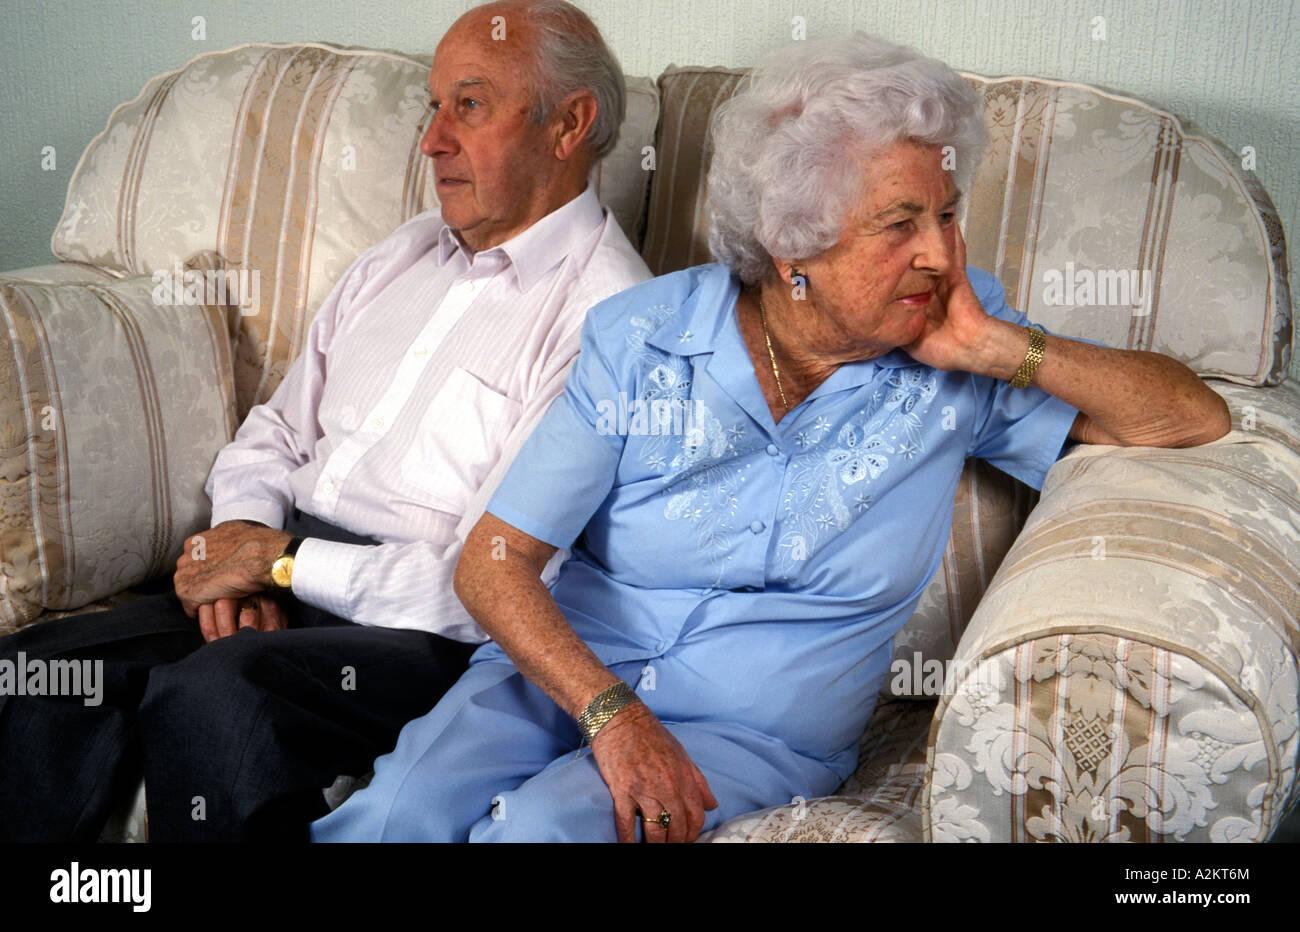 Vieux couple on sofa having an argument Banque D'Images